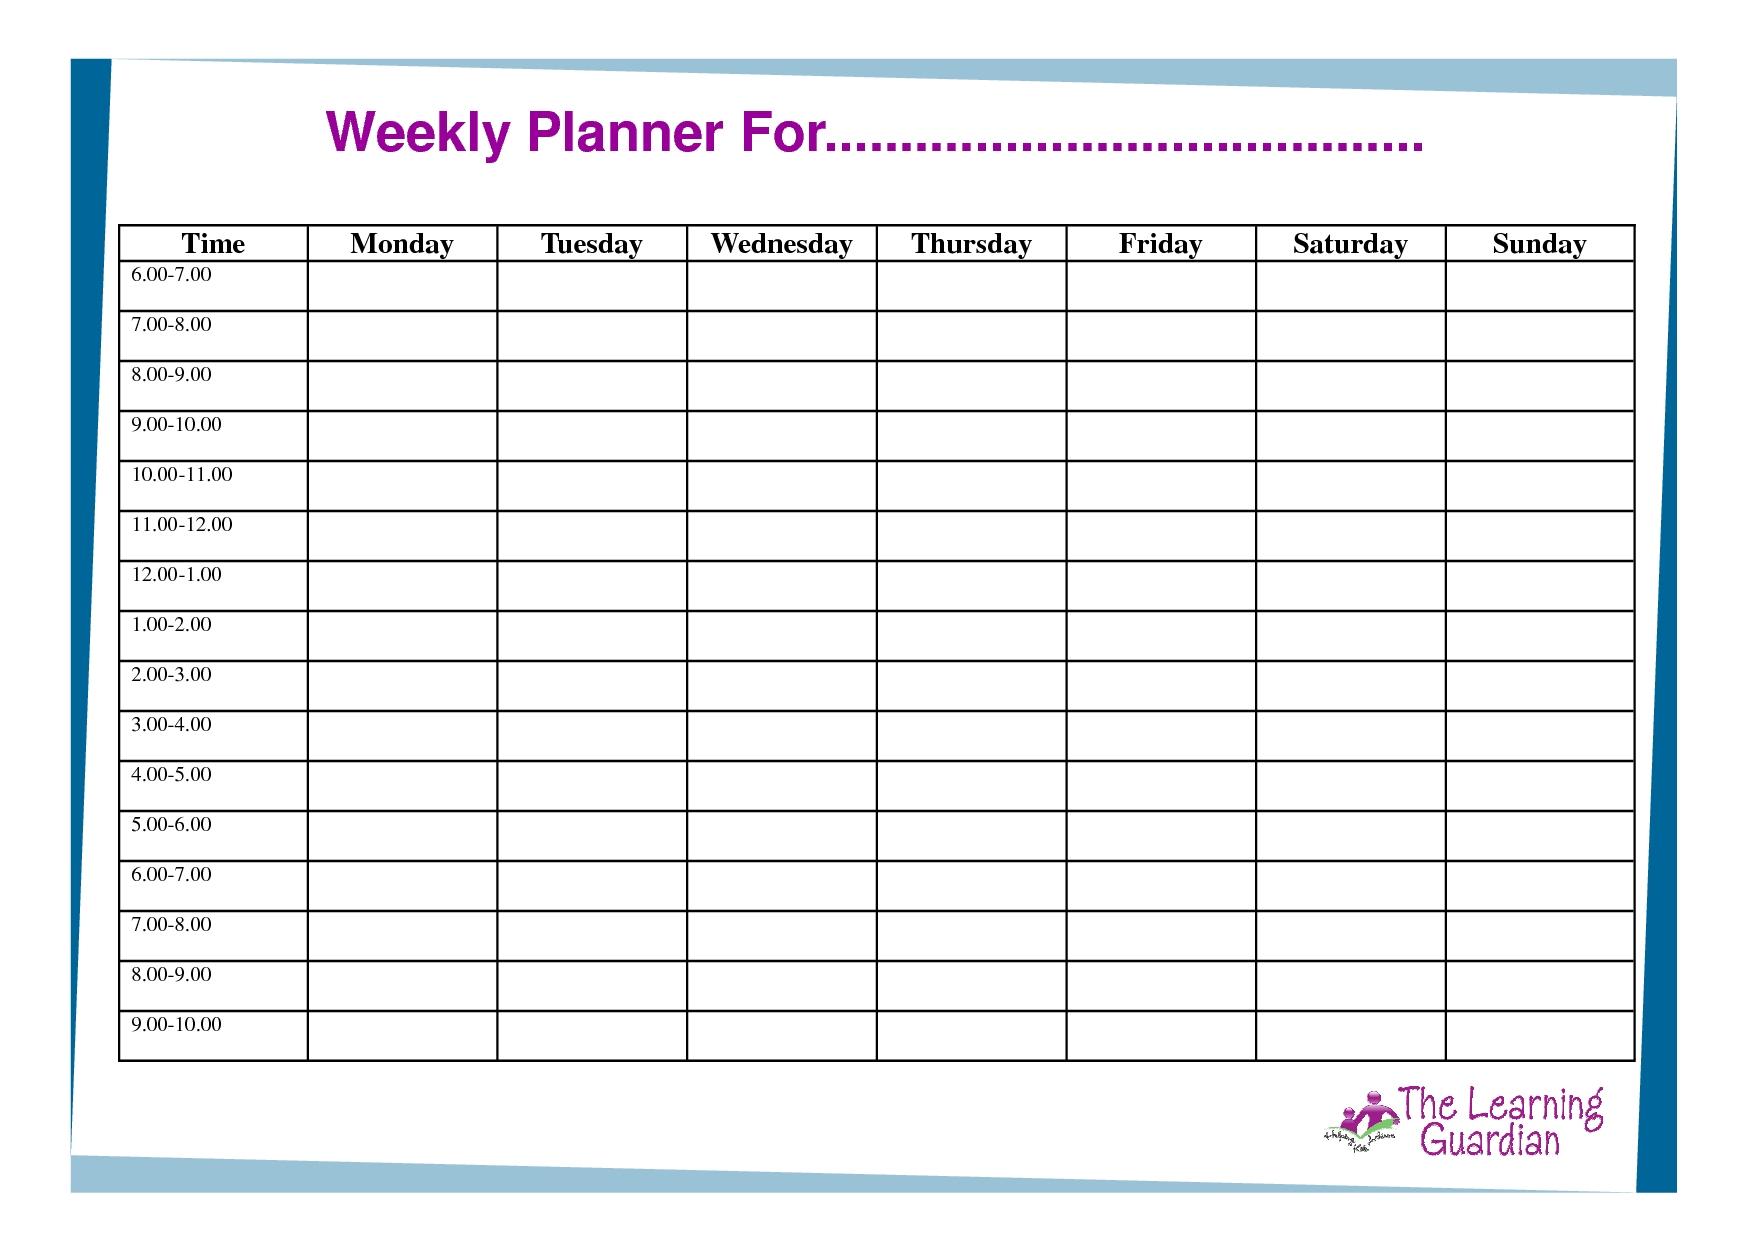 One Week Calendar With Hours – Calendar Inspiration Design 1 Week Calendar Template